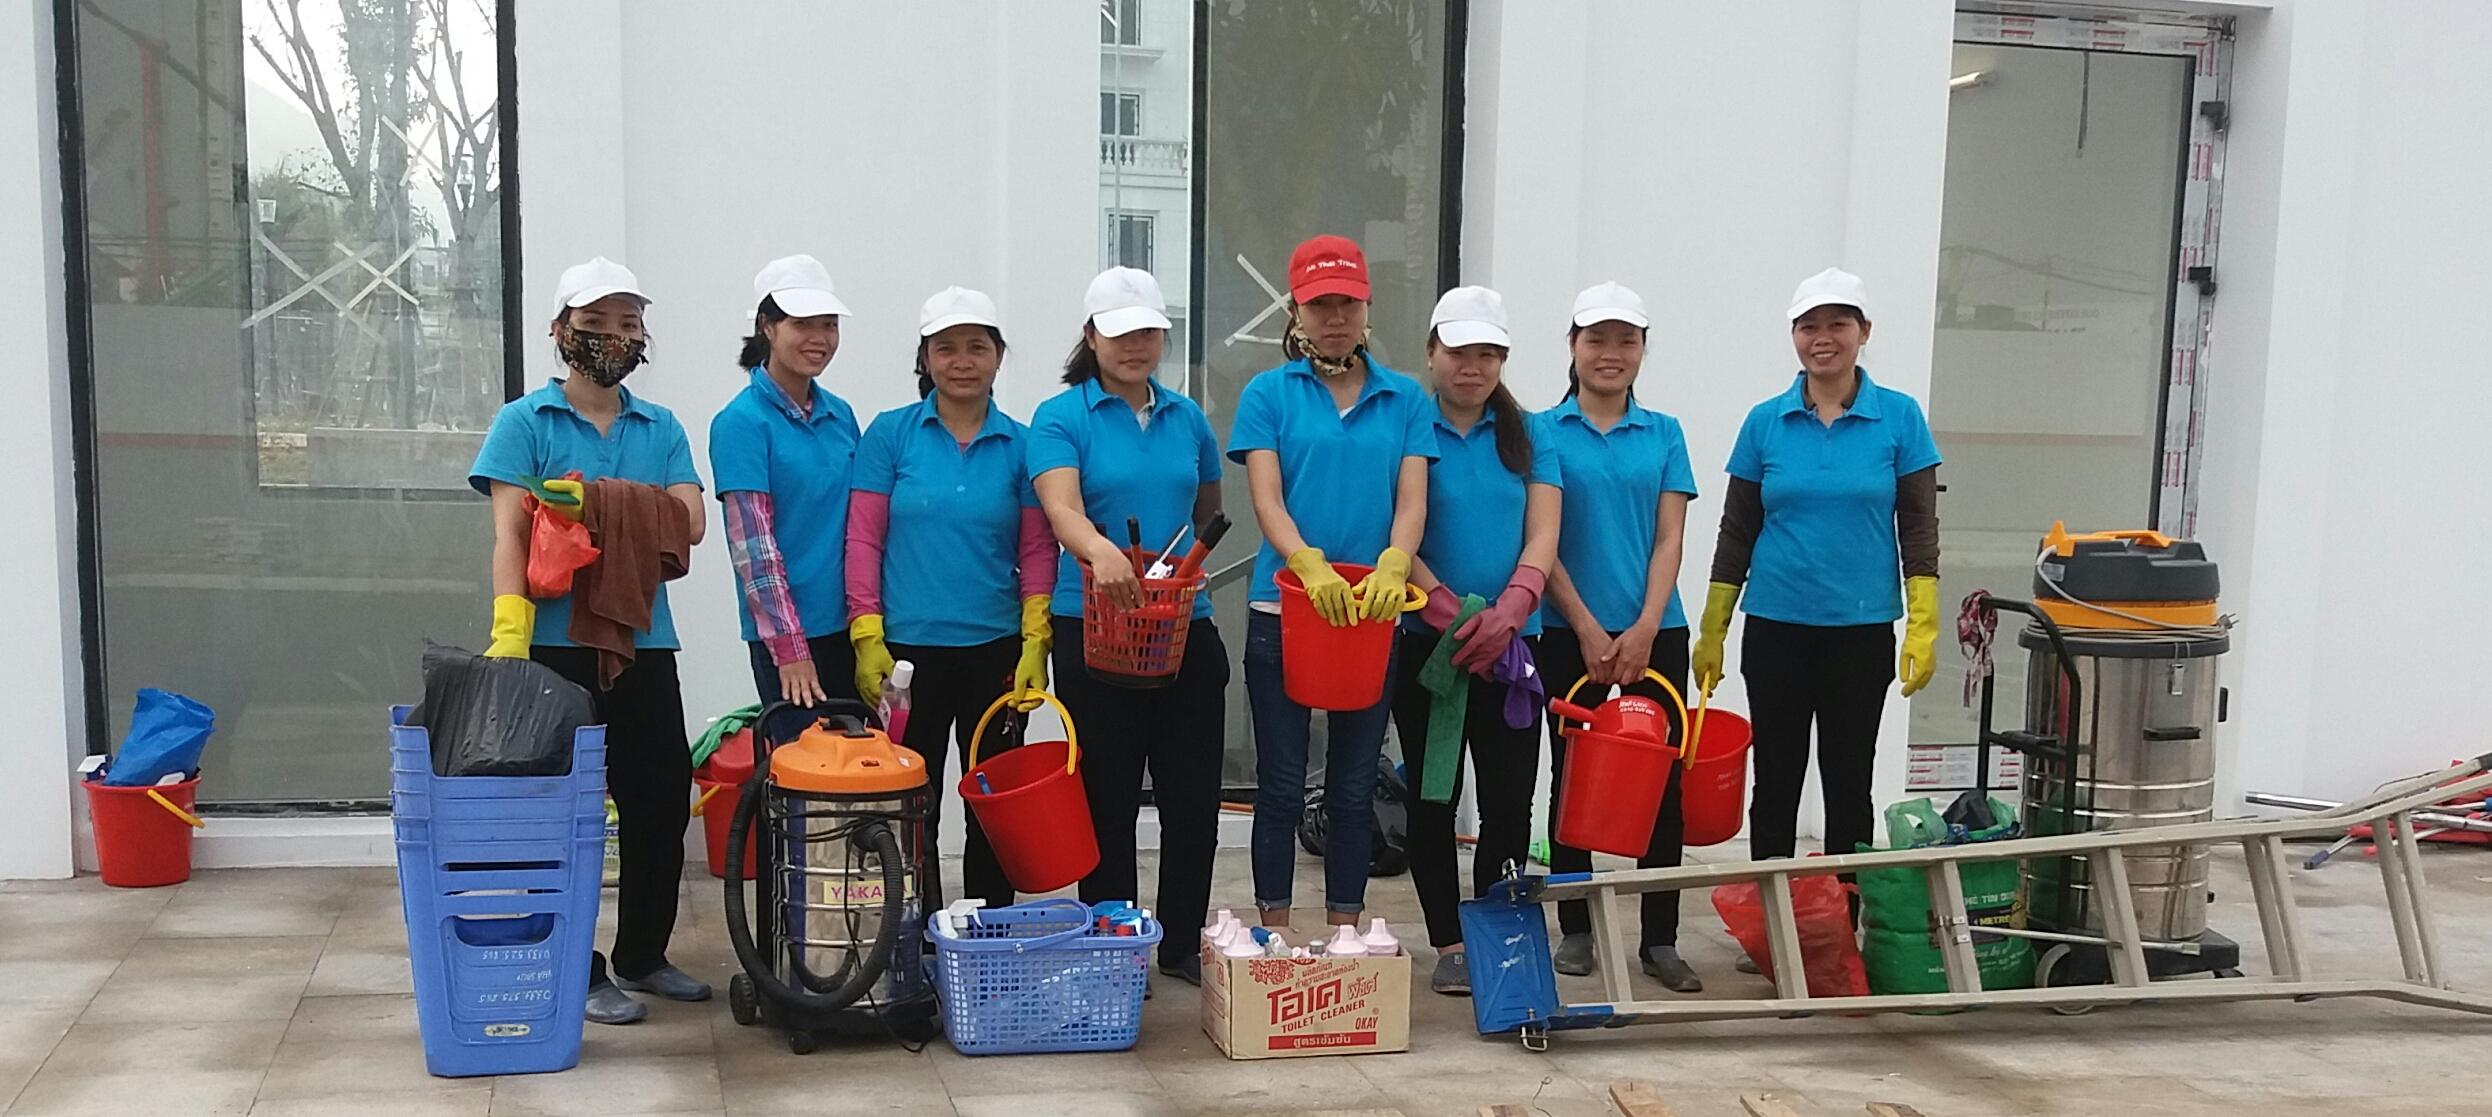 Dịch vụ vệ sinh nhà ở Hà Nội giá rẻ